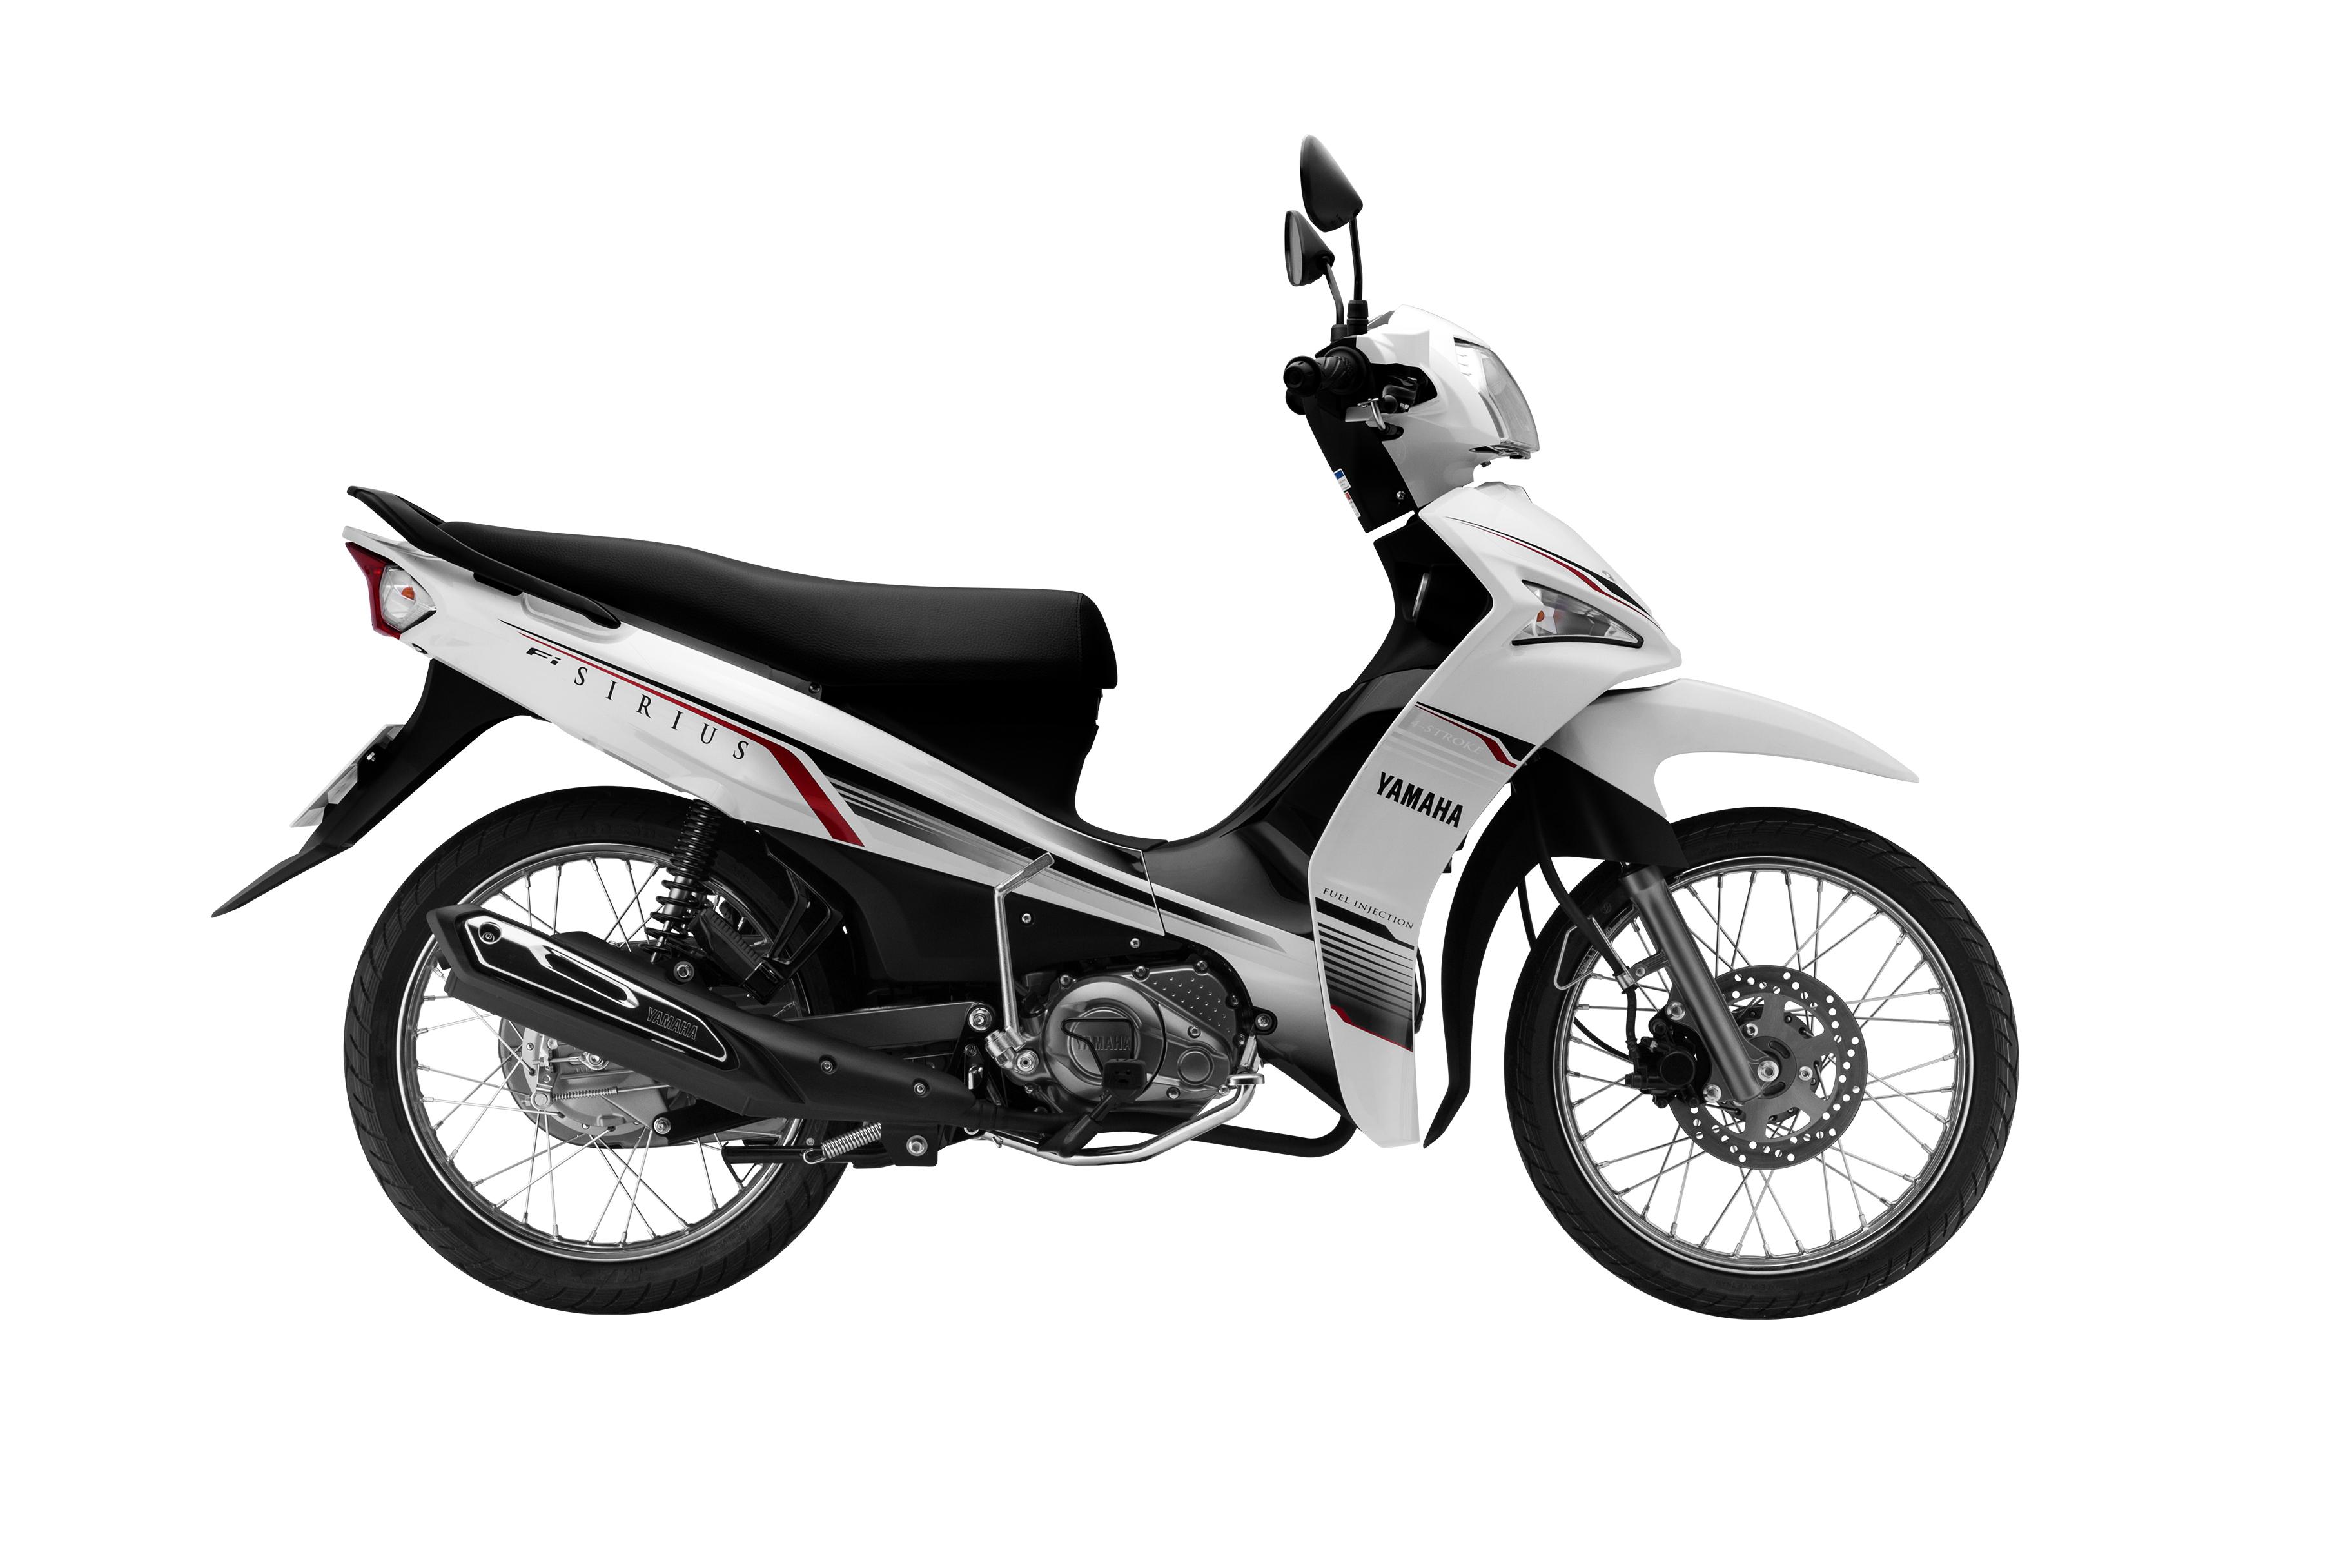 Tư vấn mua xe máy: Top 5 xe máy 'nồi đồng cối đá' nên mua trong năm 2018